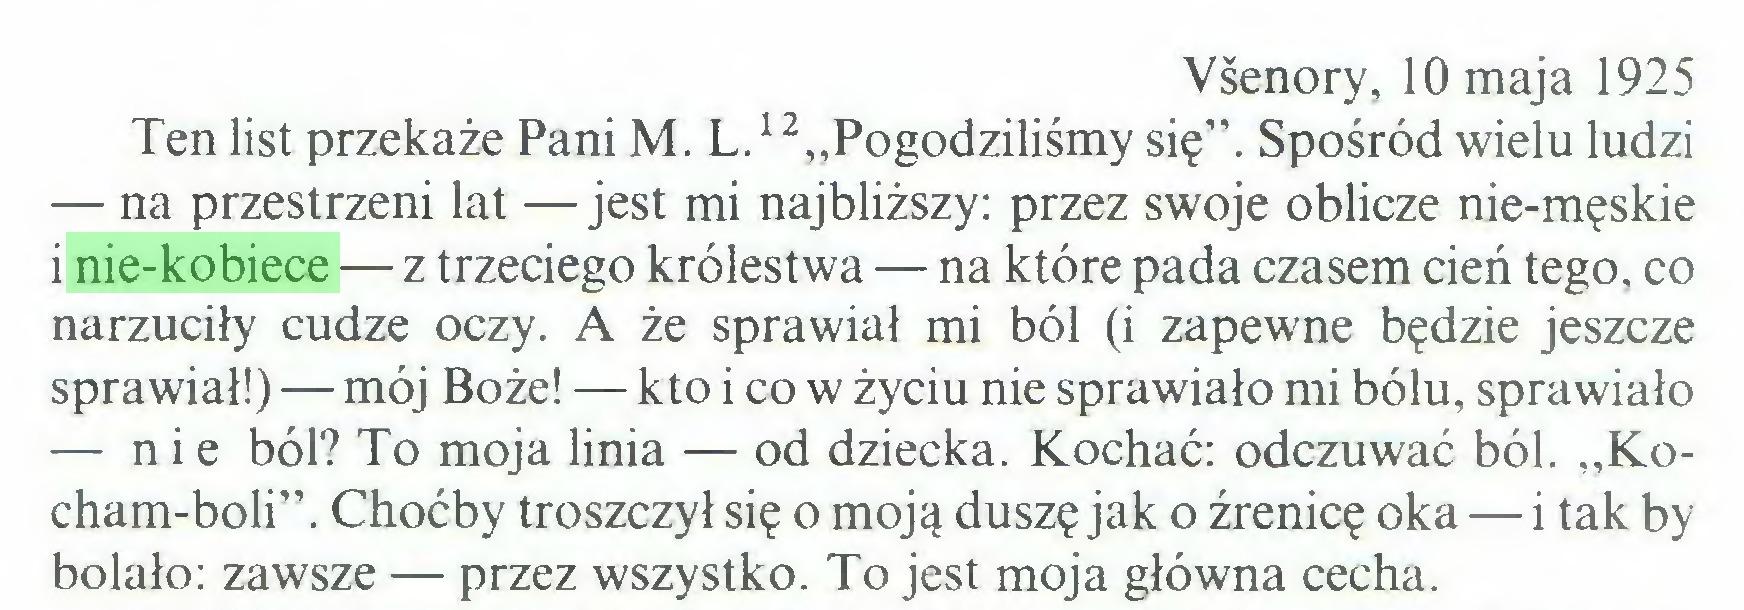 """(...) Vśenory, 10 maja 1925 Ten list przekaże Pani M. L.12""""Pogodziliśmy się"""". Spośród wielu ludzi — na przestrzeni lat — jest mi najbliższy: przez swoje oblicze nie-męskie i nie-kobiece — z trzeciego królestwa — na które pada czasem cień tego, co narzuciły cudze oczy. A że sprawiał mi ból (i zapewne będzie jeszcze sprawiał!) — mój Boże! — kto i co w życiu nie sprawiało mi bólu, sprawiało — nie ból? To moja linia — od dziecka. Kochać: odczuwać ból. """"Kocham-boli"""". Choćby troszczył się o moją duszę jak o źrenicę oka — i tak by bolało: zawsze — przez wszystko. To jest moja główna cecha..."""